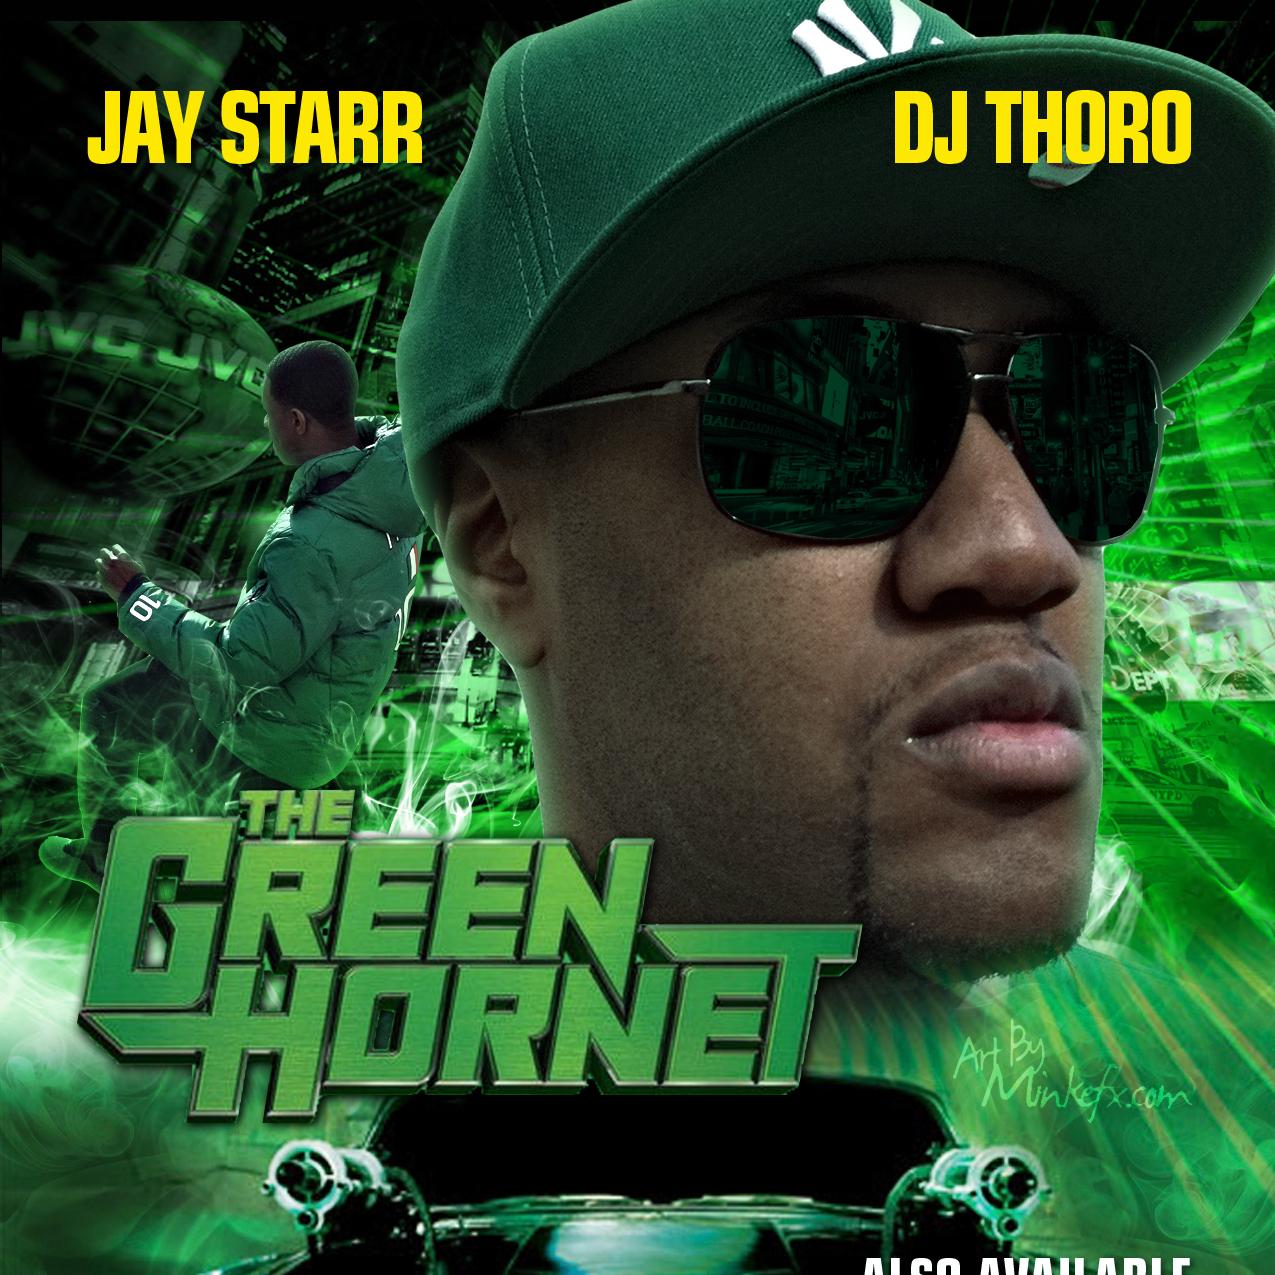 Jay Starr